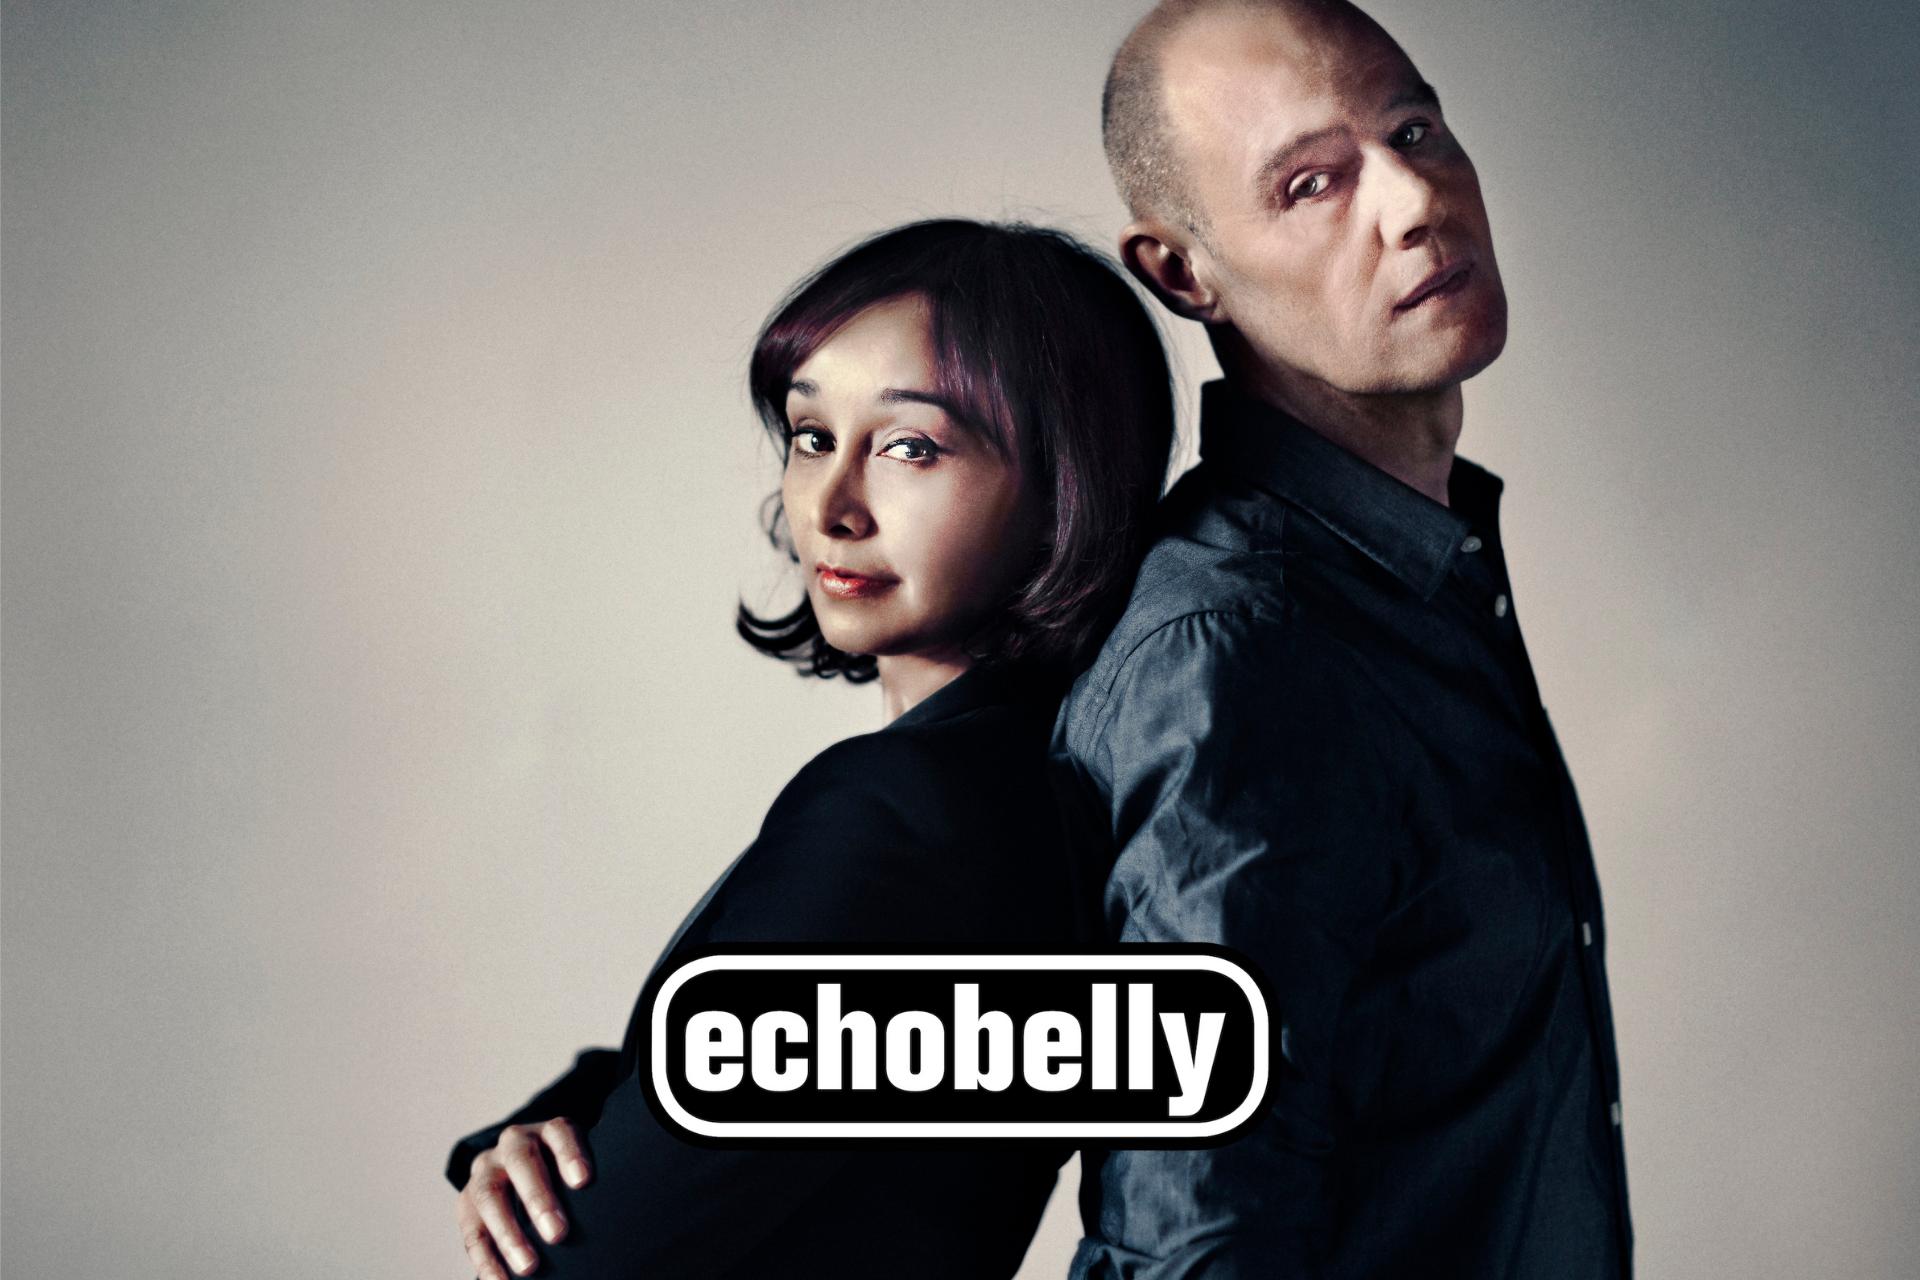 echobelly logo